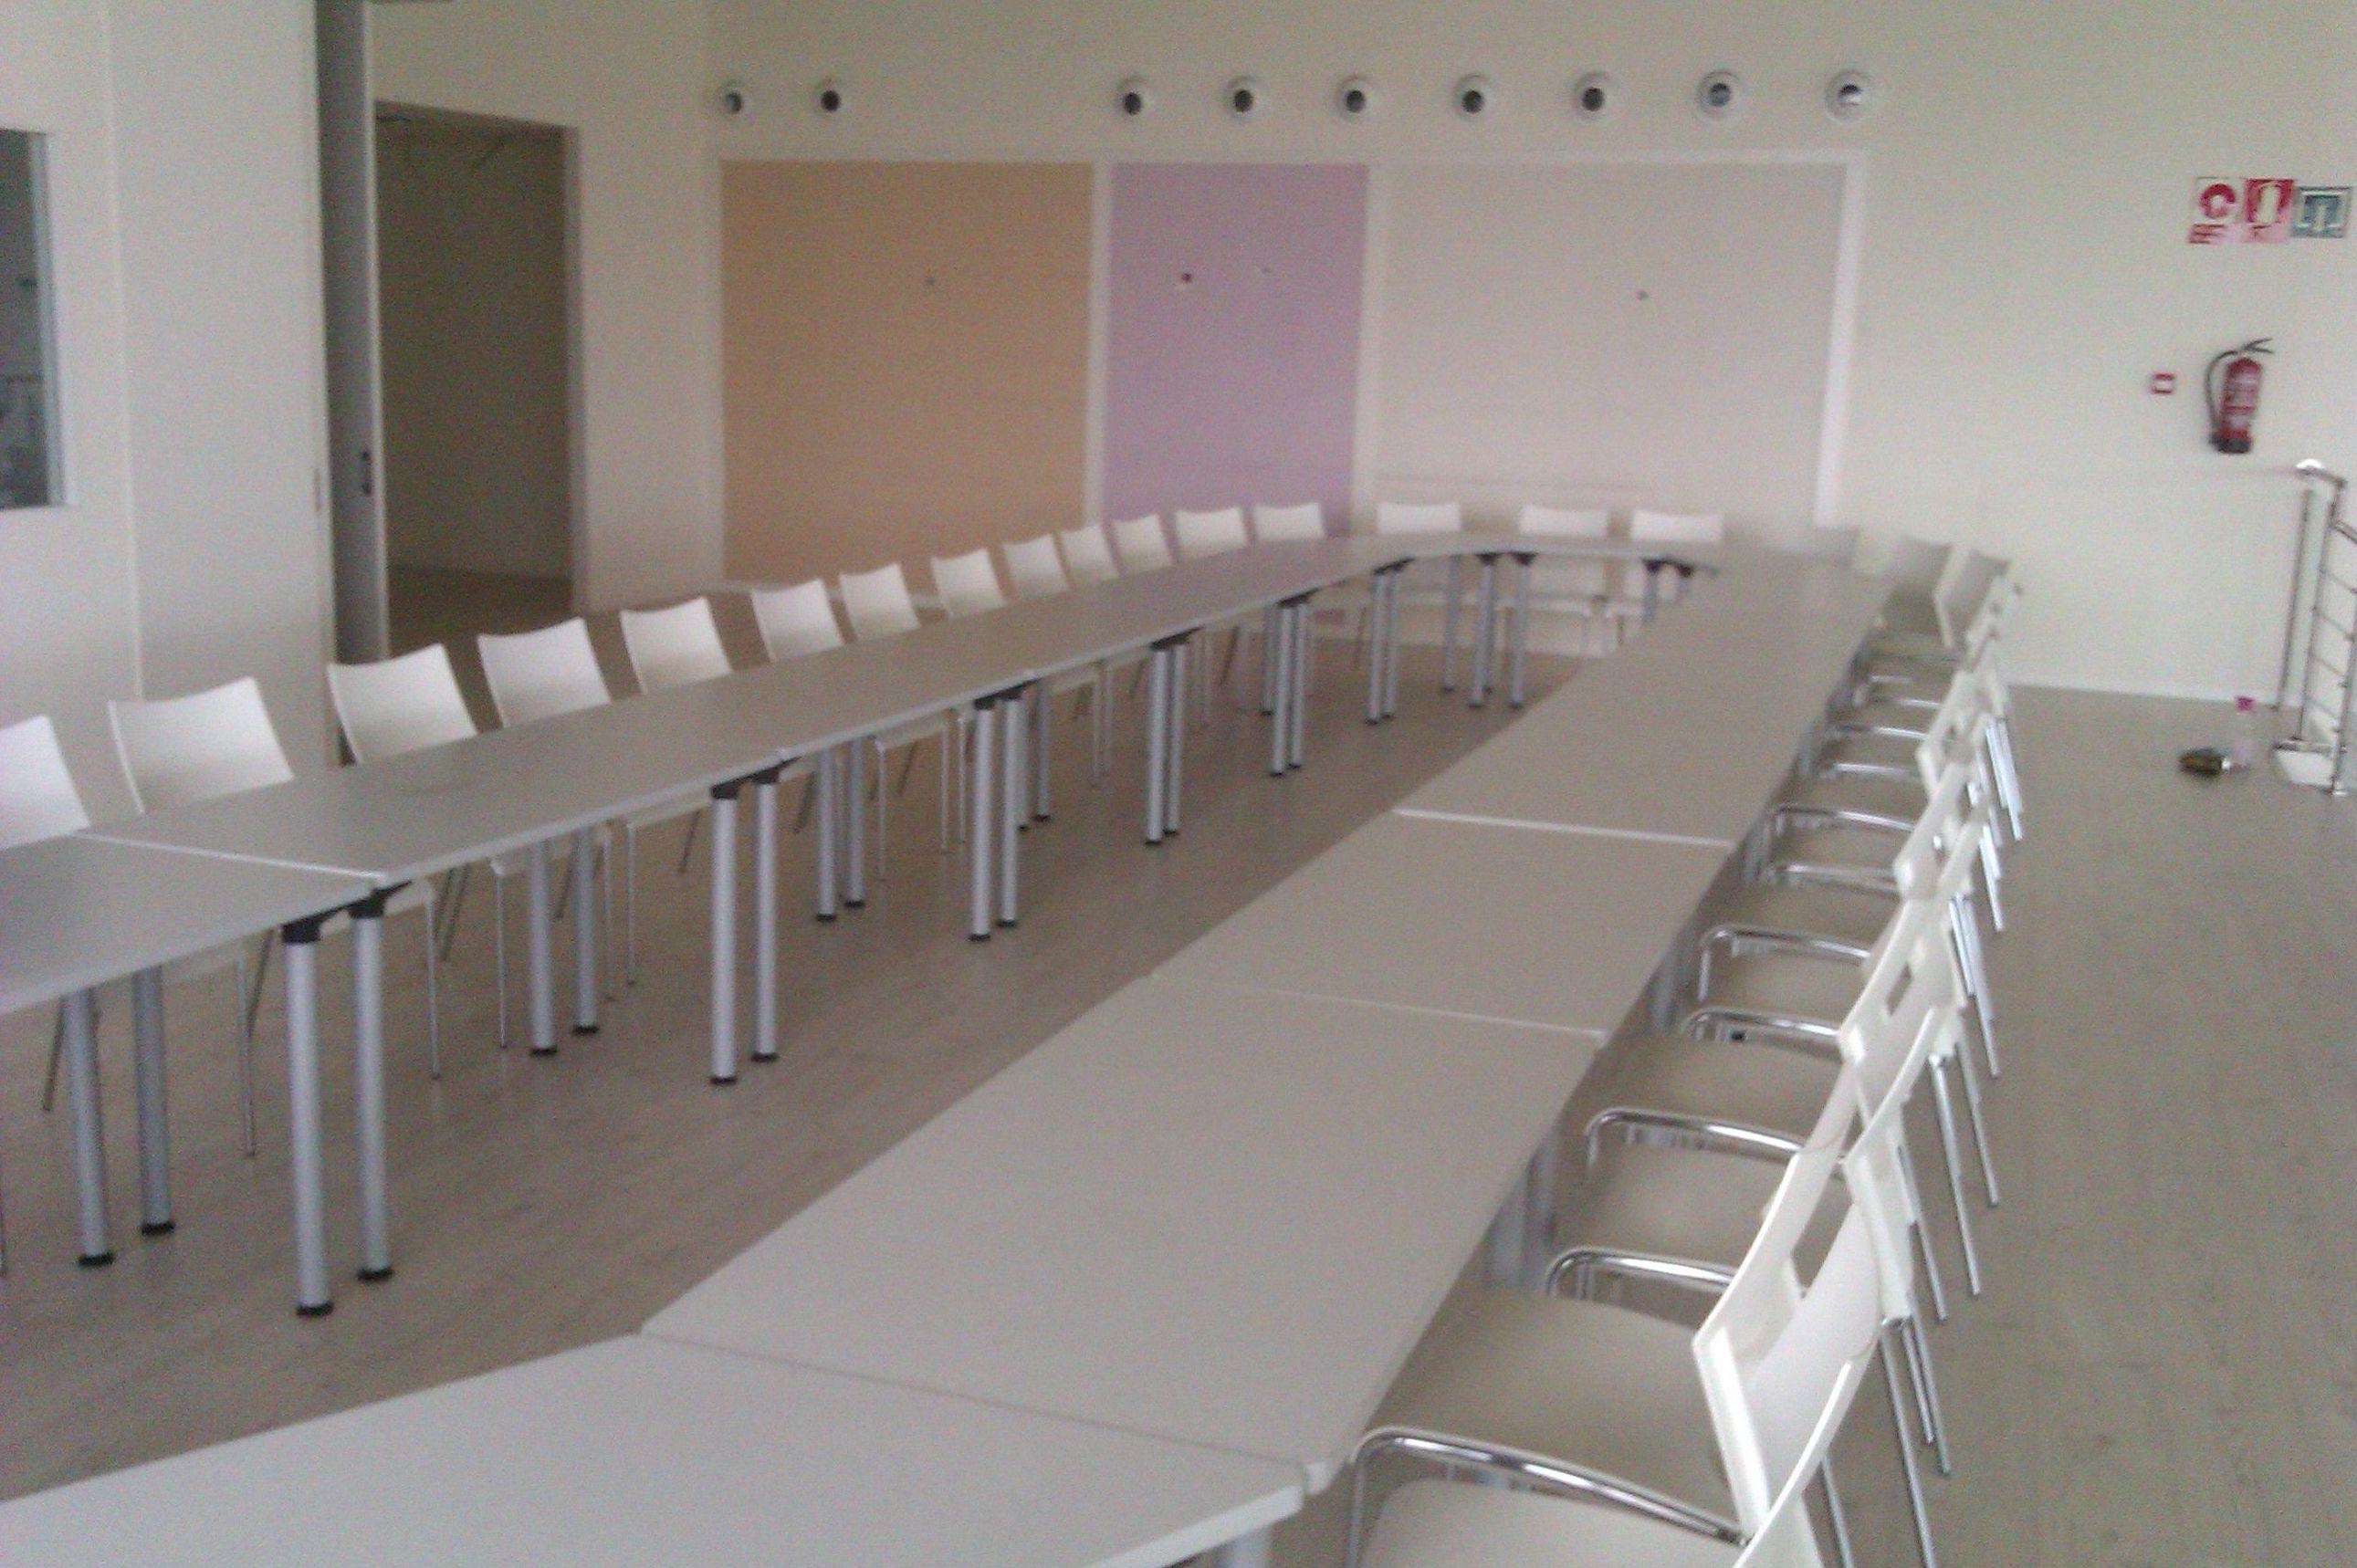 Foto 27 de Alquiler de sillas, mesas y menaje en Zaragoza | Stuhl Ibérica Alquiler de Mobiliario